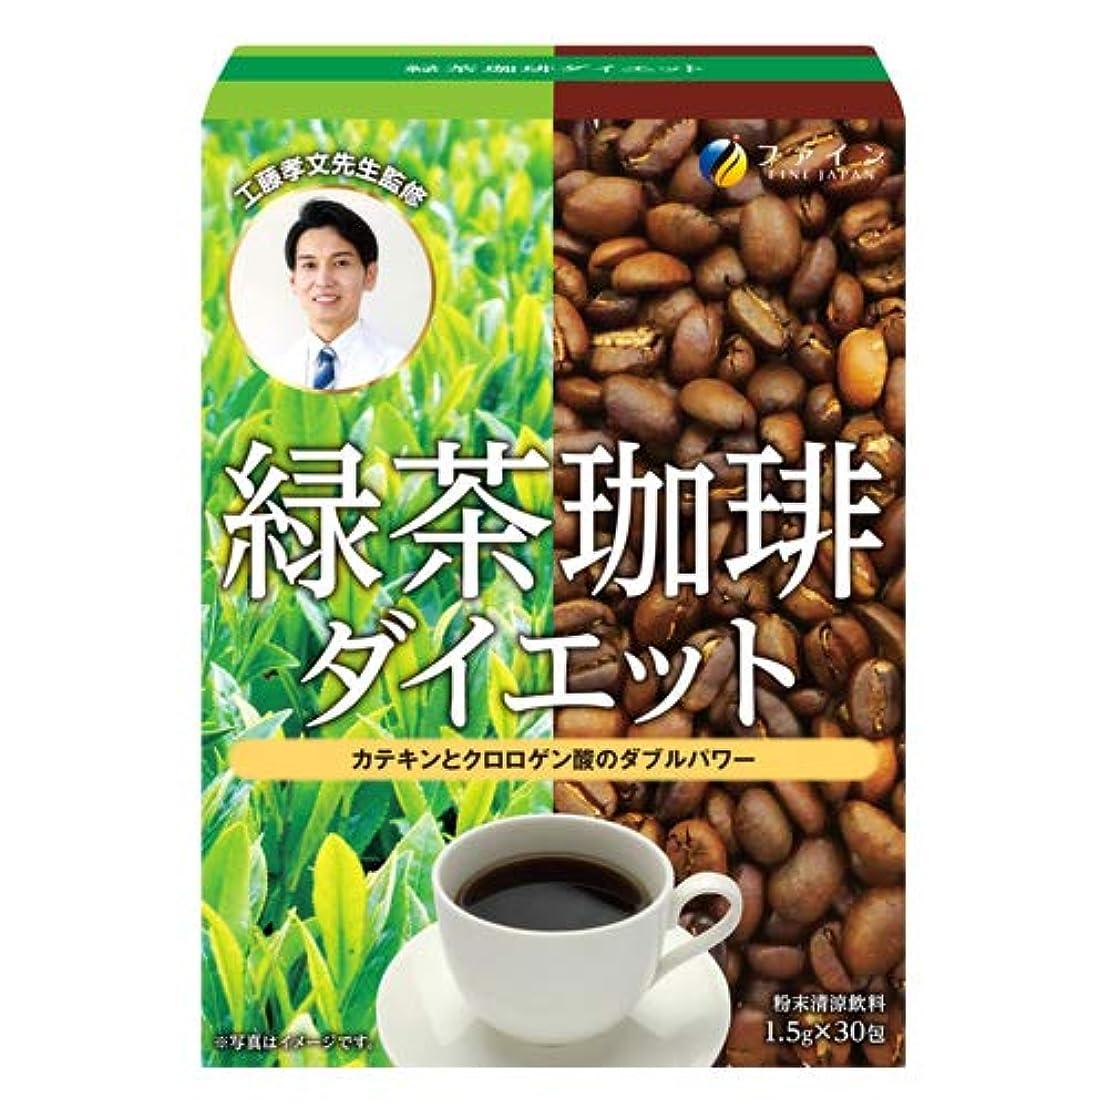 議題倫理どっちでも緑茶コーヒーダイエット 【30箱組】